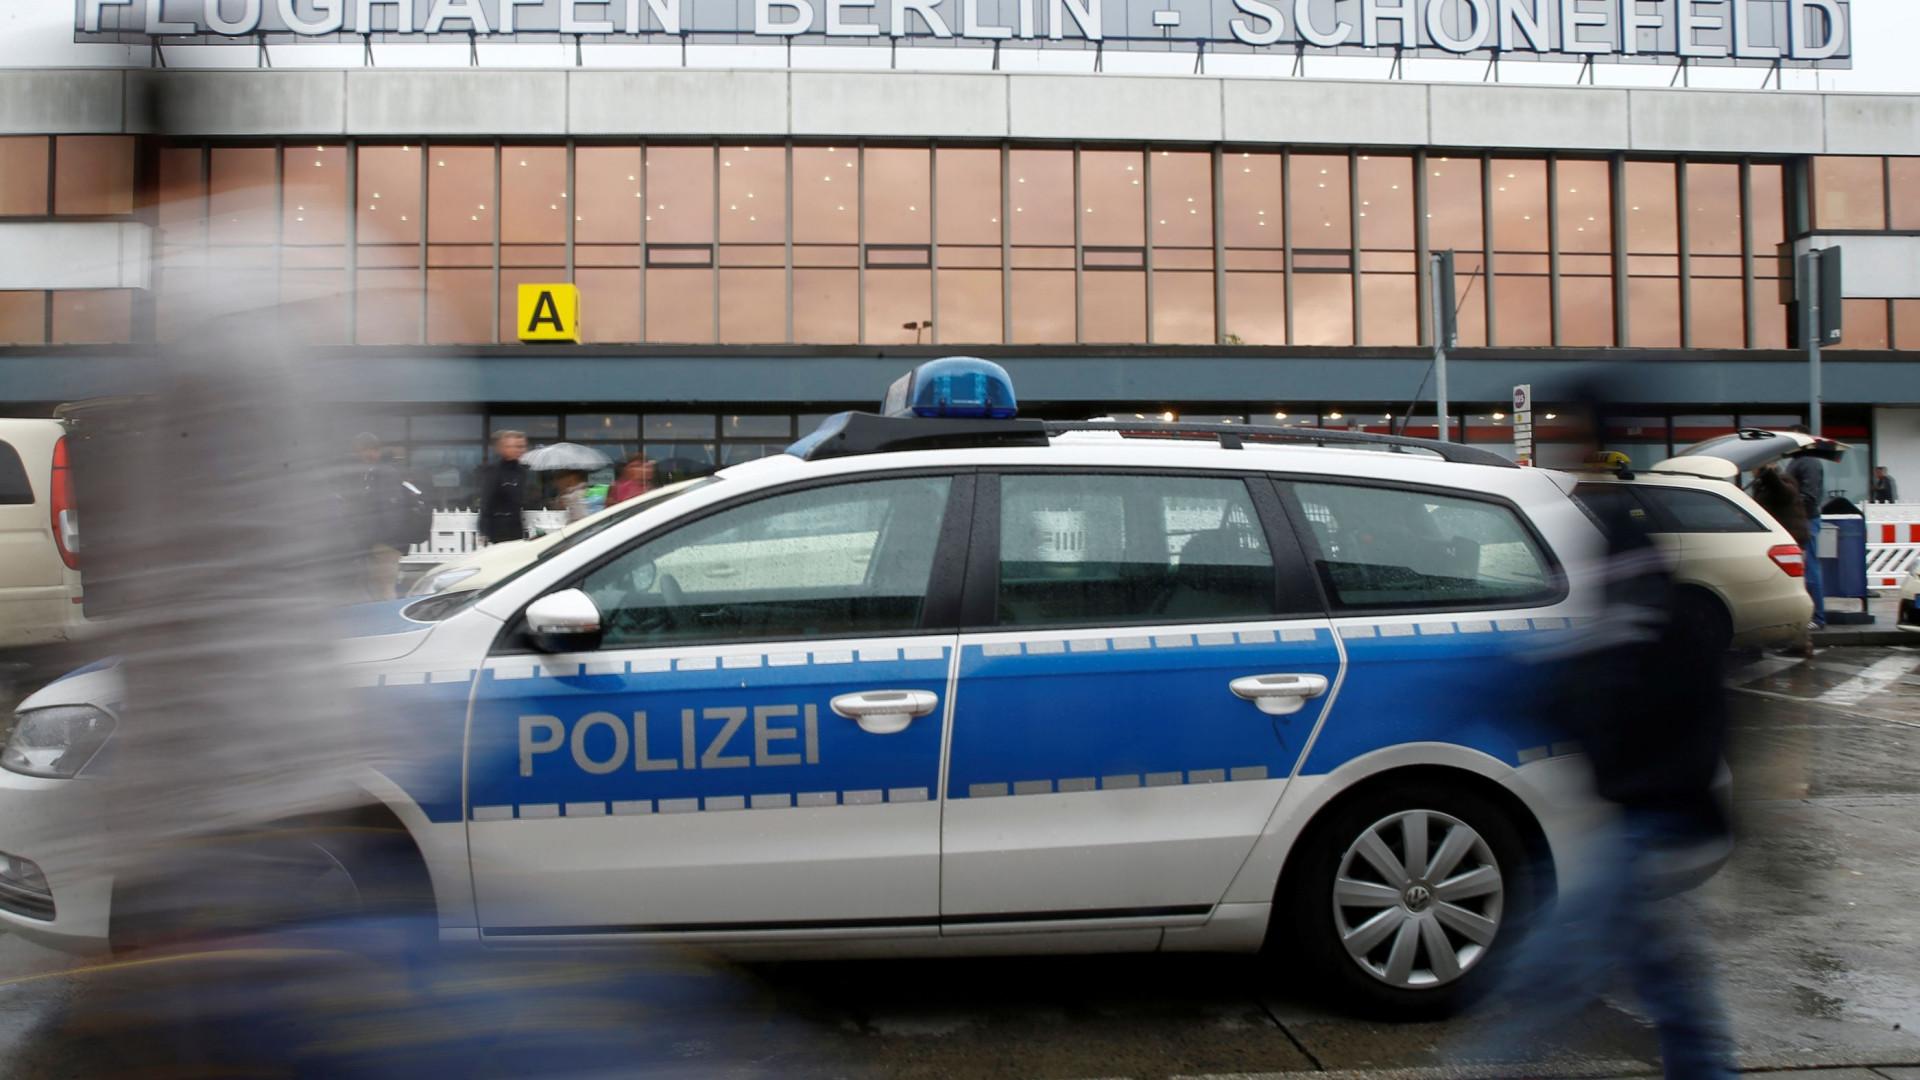 Aeroporto evacuado depois de segurança confundir vibrador com granada